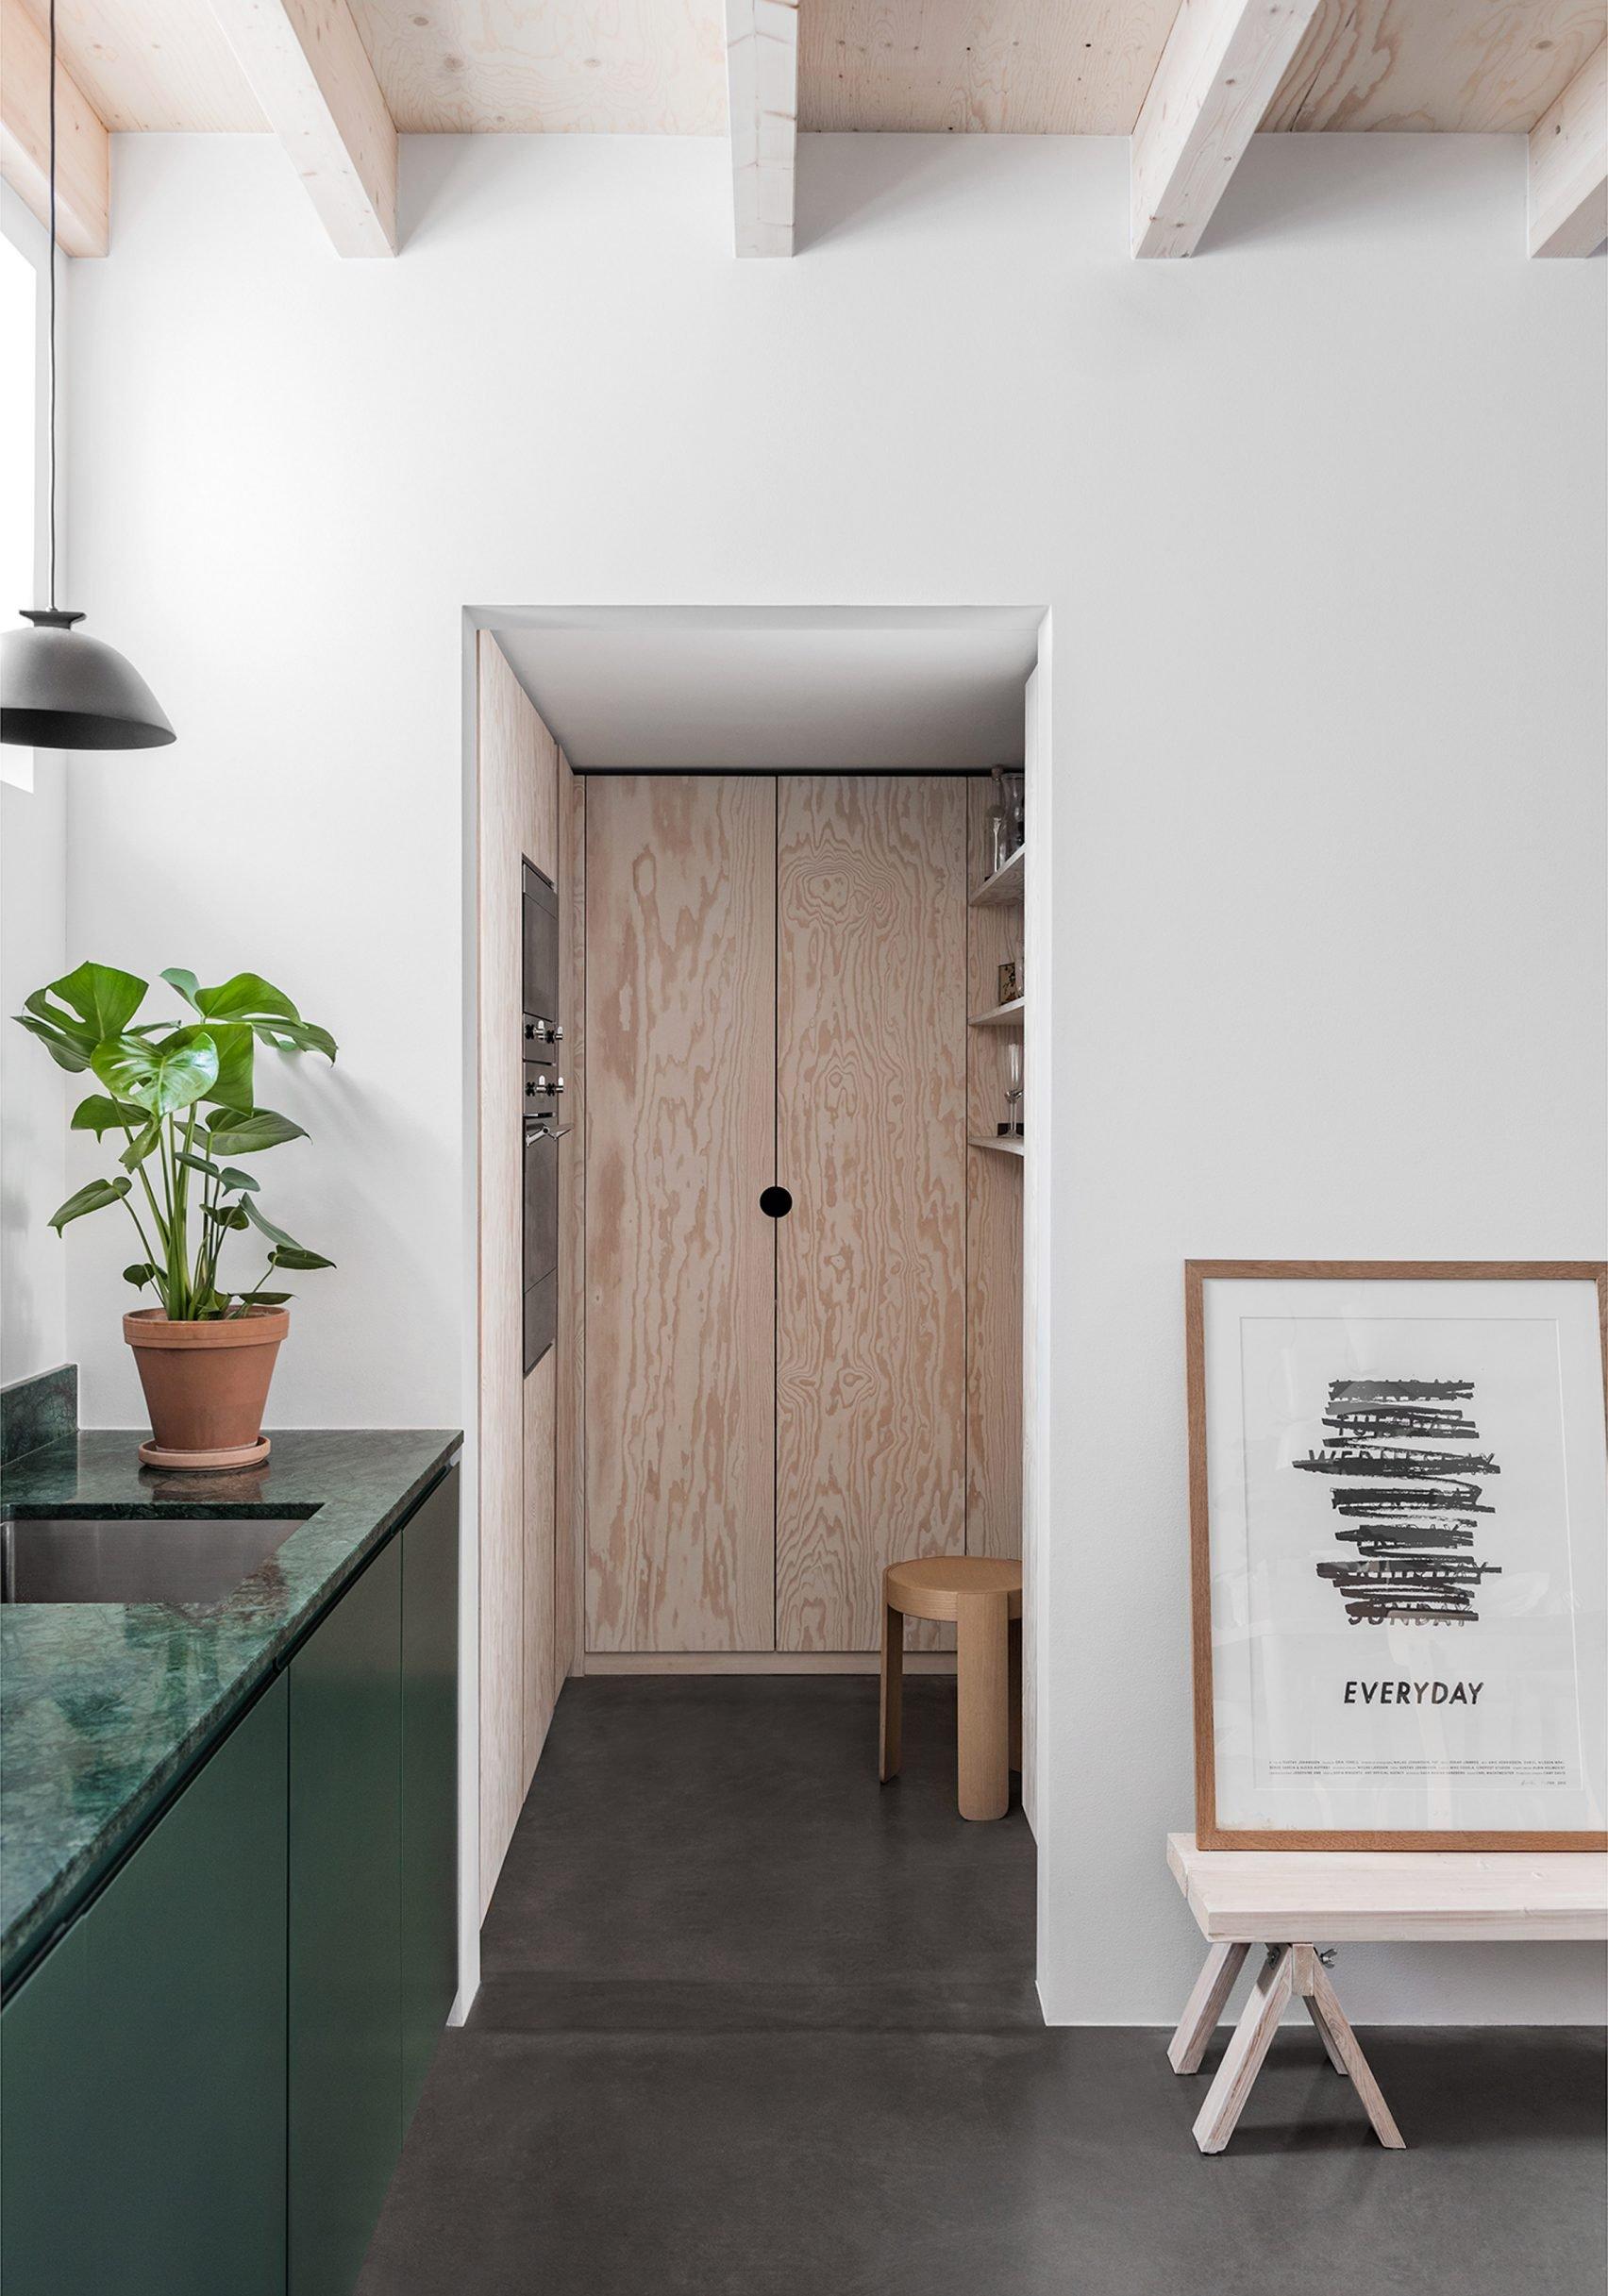 Deze mooie groene keuken loopt aan de andere kant van de deuropening door